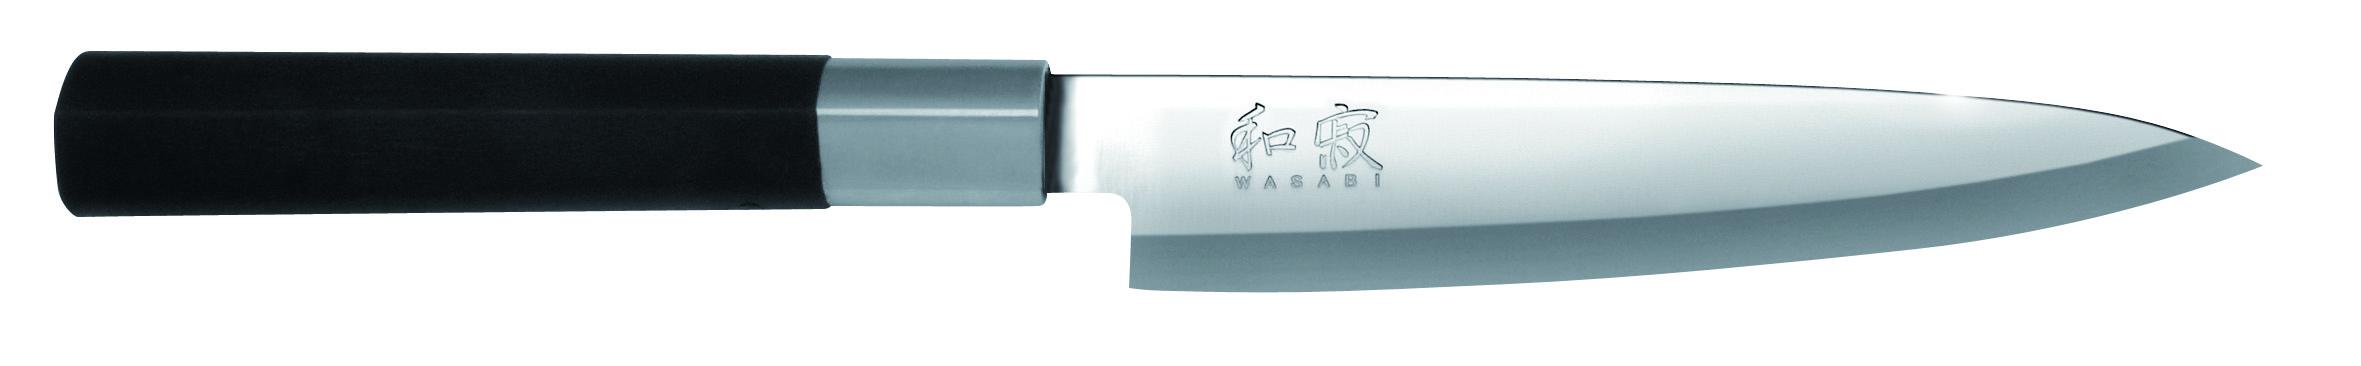 Nôž Wasabi Black Yanagiba 6715Y